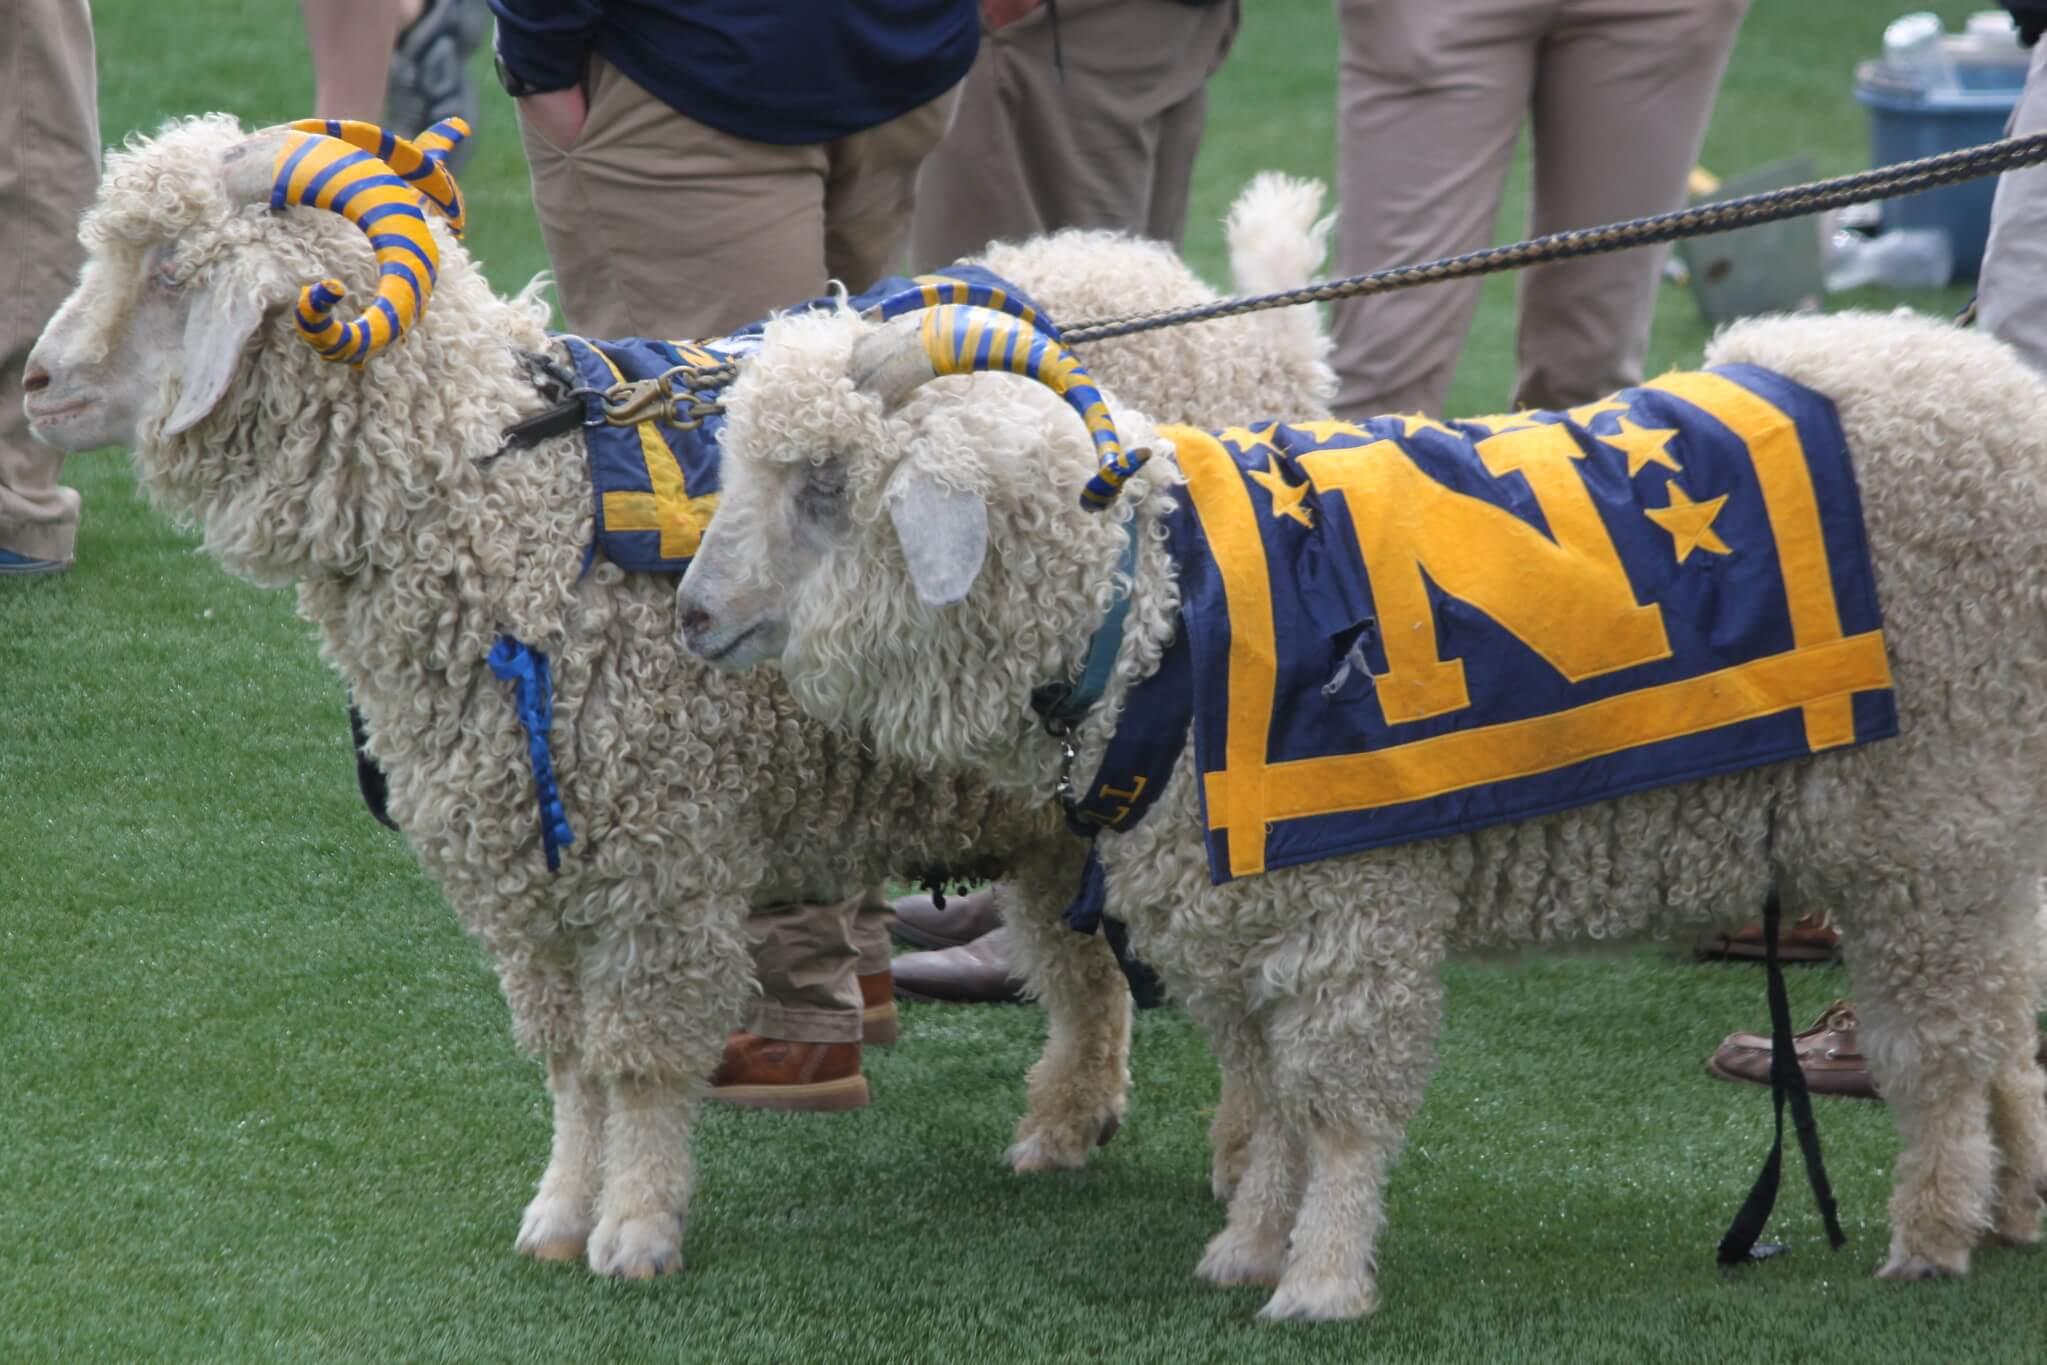 Bill the Goat Navy Midshipmen live mascot